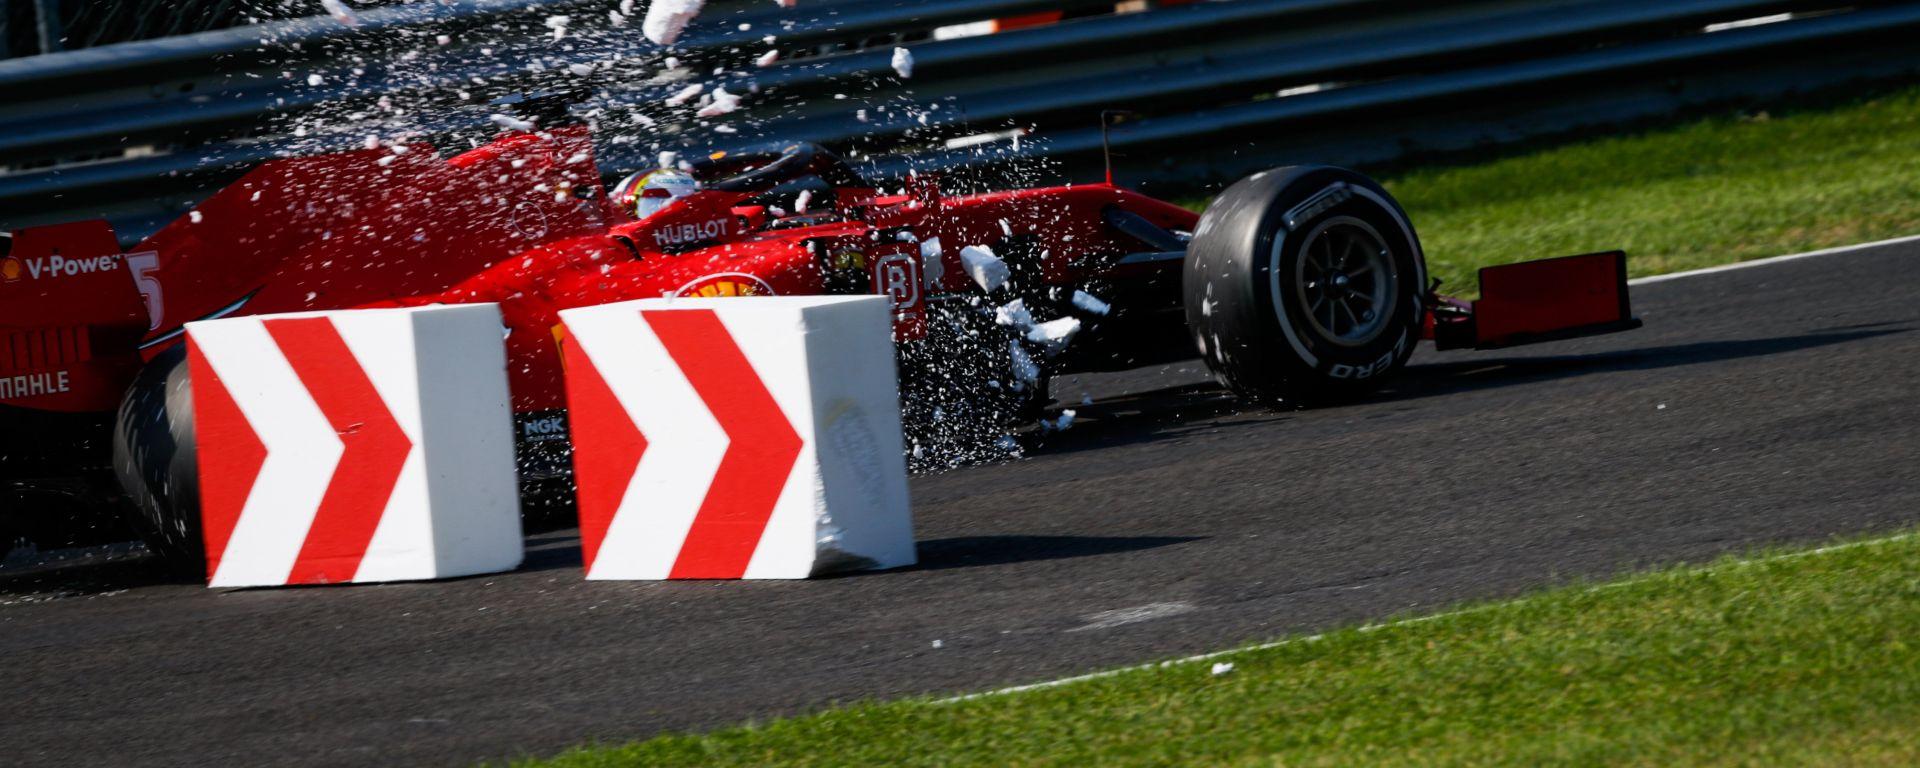 F1 GP Italia 2020, Monza: Sebastian Vettel (Scuderia Ferrari) contro le barriere di polistirolo in curva-1